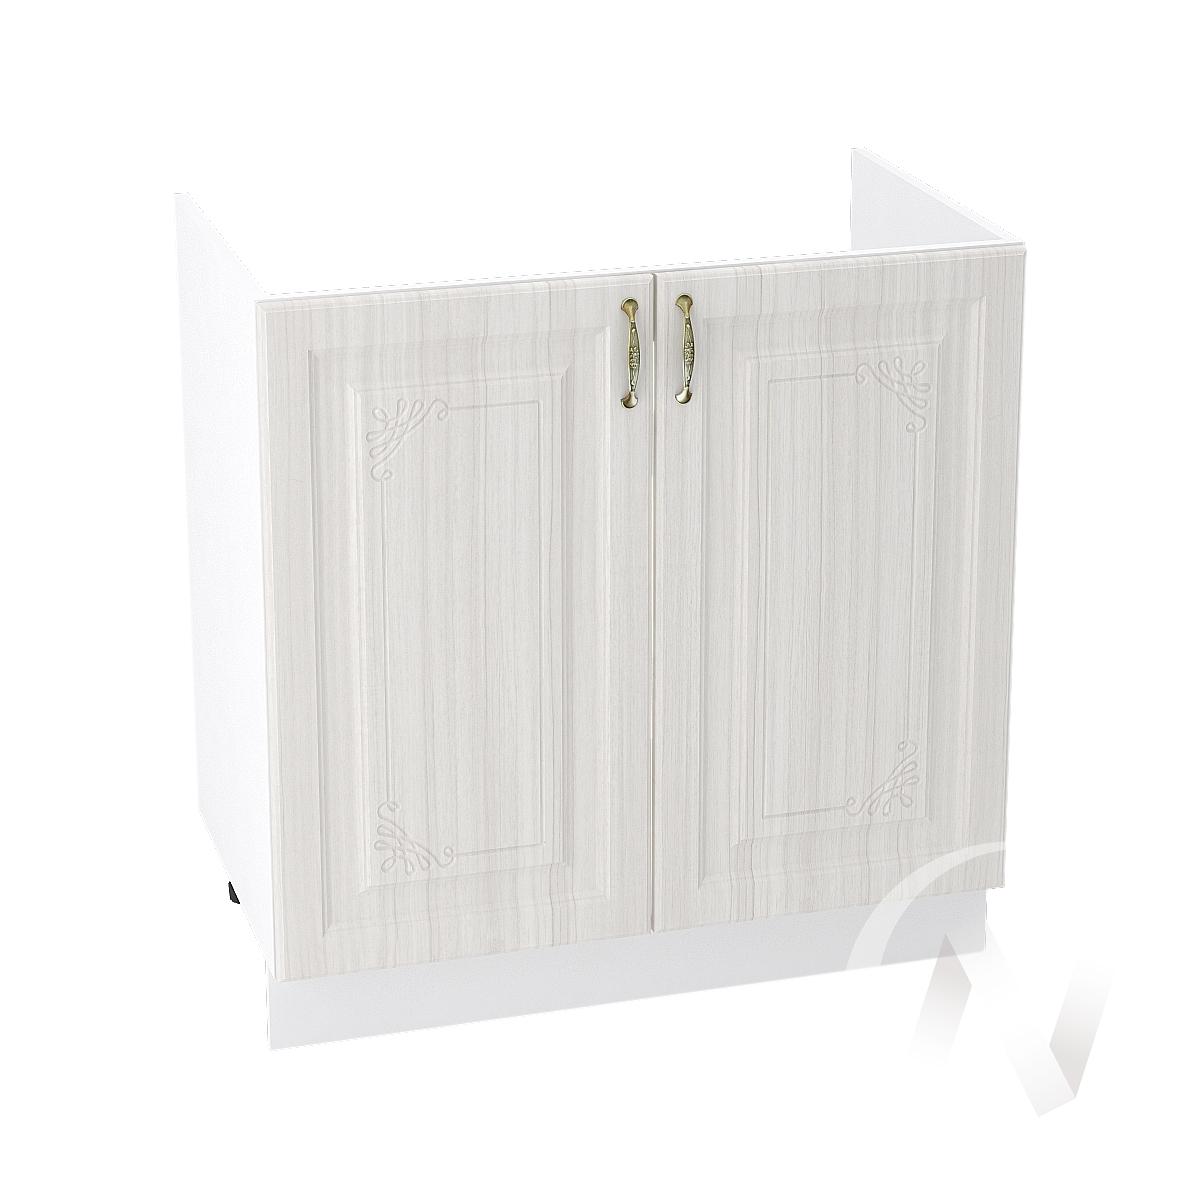 """Кухня """"Виктория"""": Шкаф нижний под мойку 800, ШНМ 800 новый (корпус белый)"""